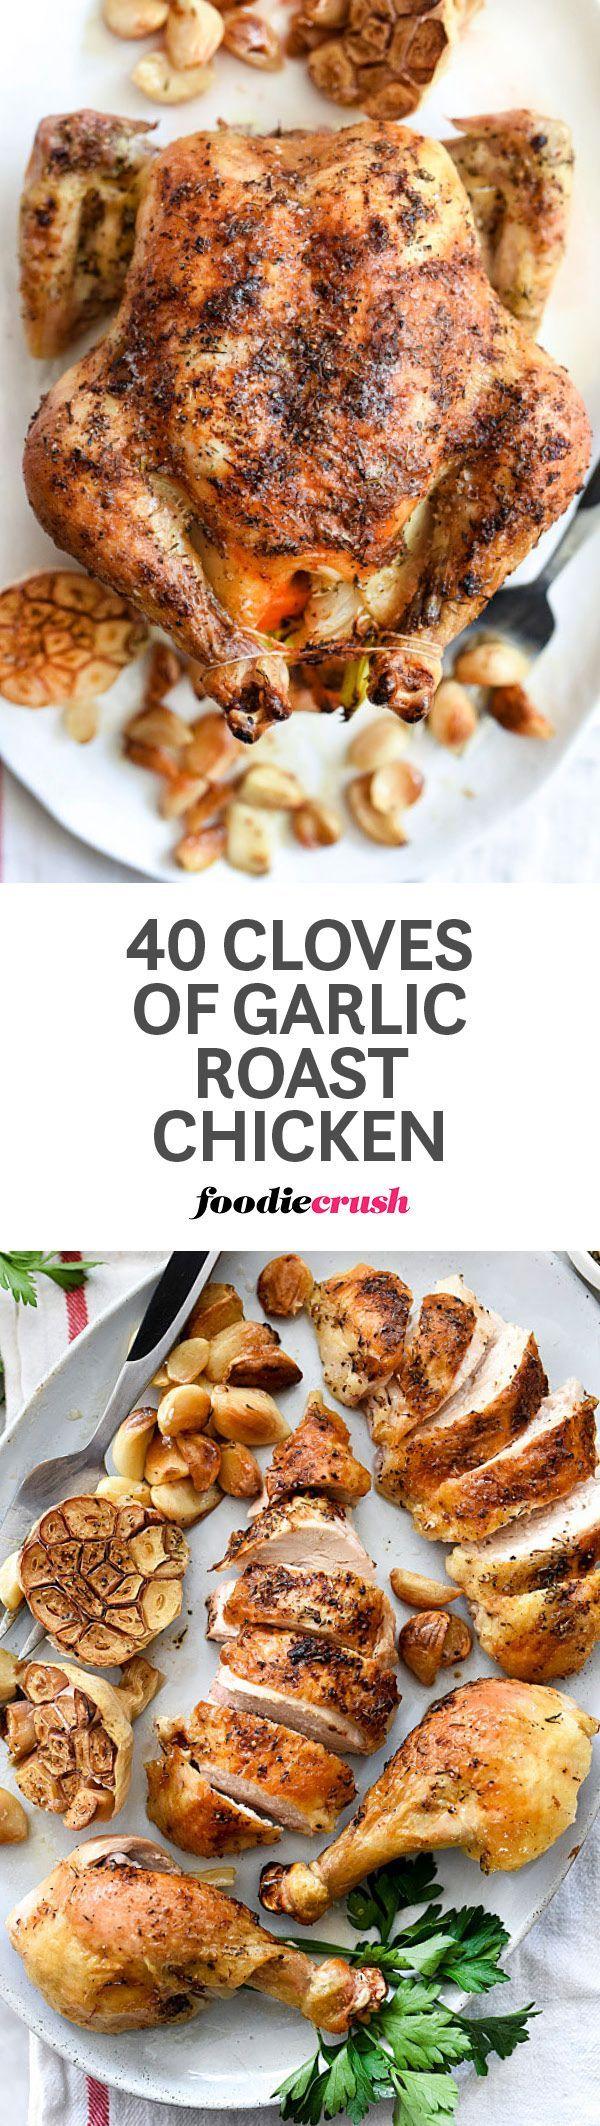 Hf ideas parrillas y asados - 40 Cloves Of Garlic Roast Chicken